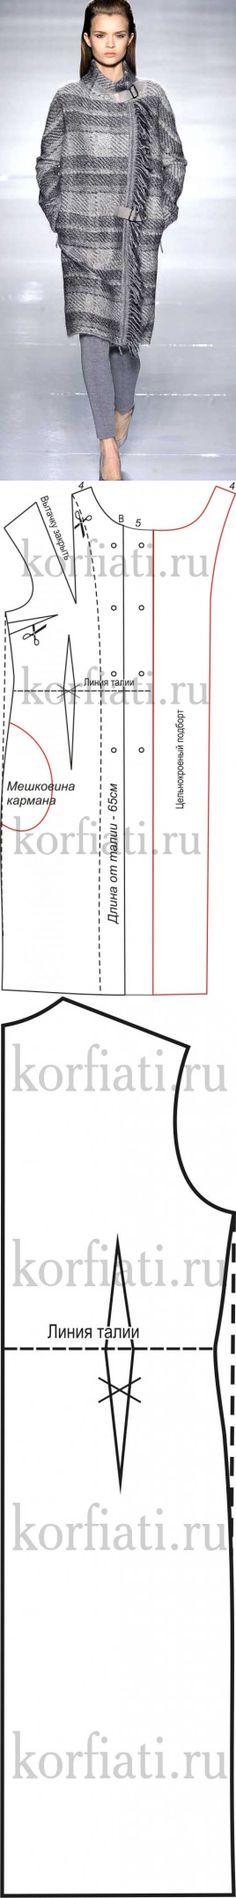 Прямое пальто в клетку -выкройка от А. Корфиати...<3 Deniz <3